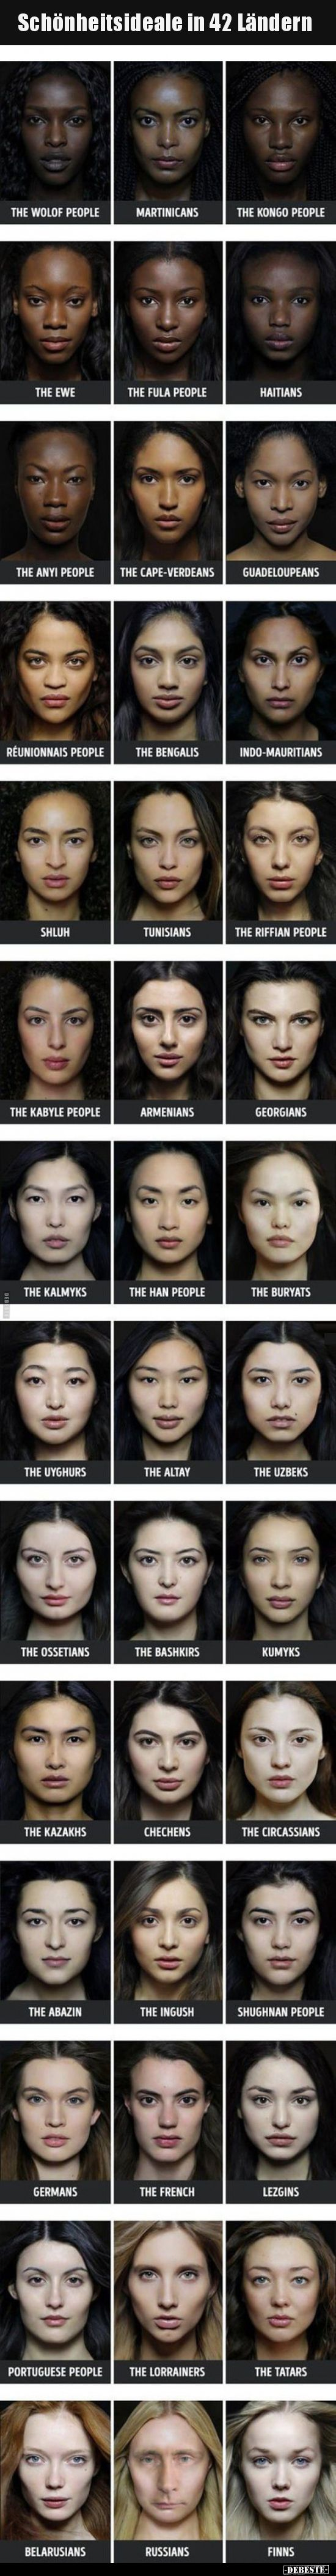 Schönheitsideale in 3 Ländern..  Schönheitsideal, Schönheit, Gesicht